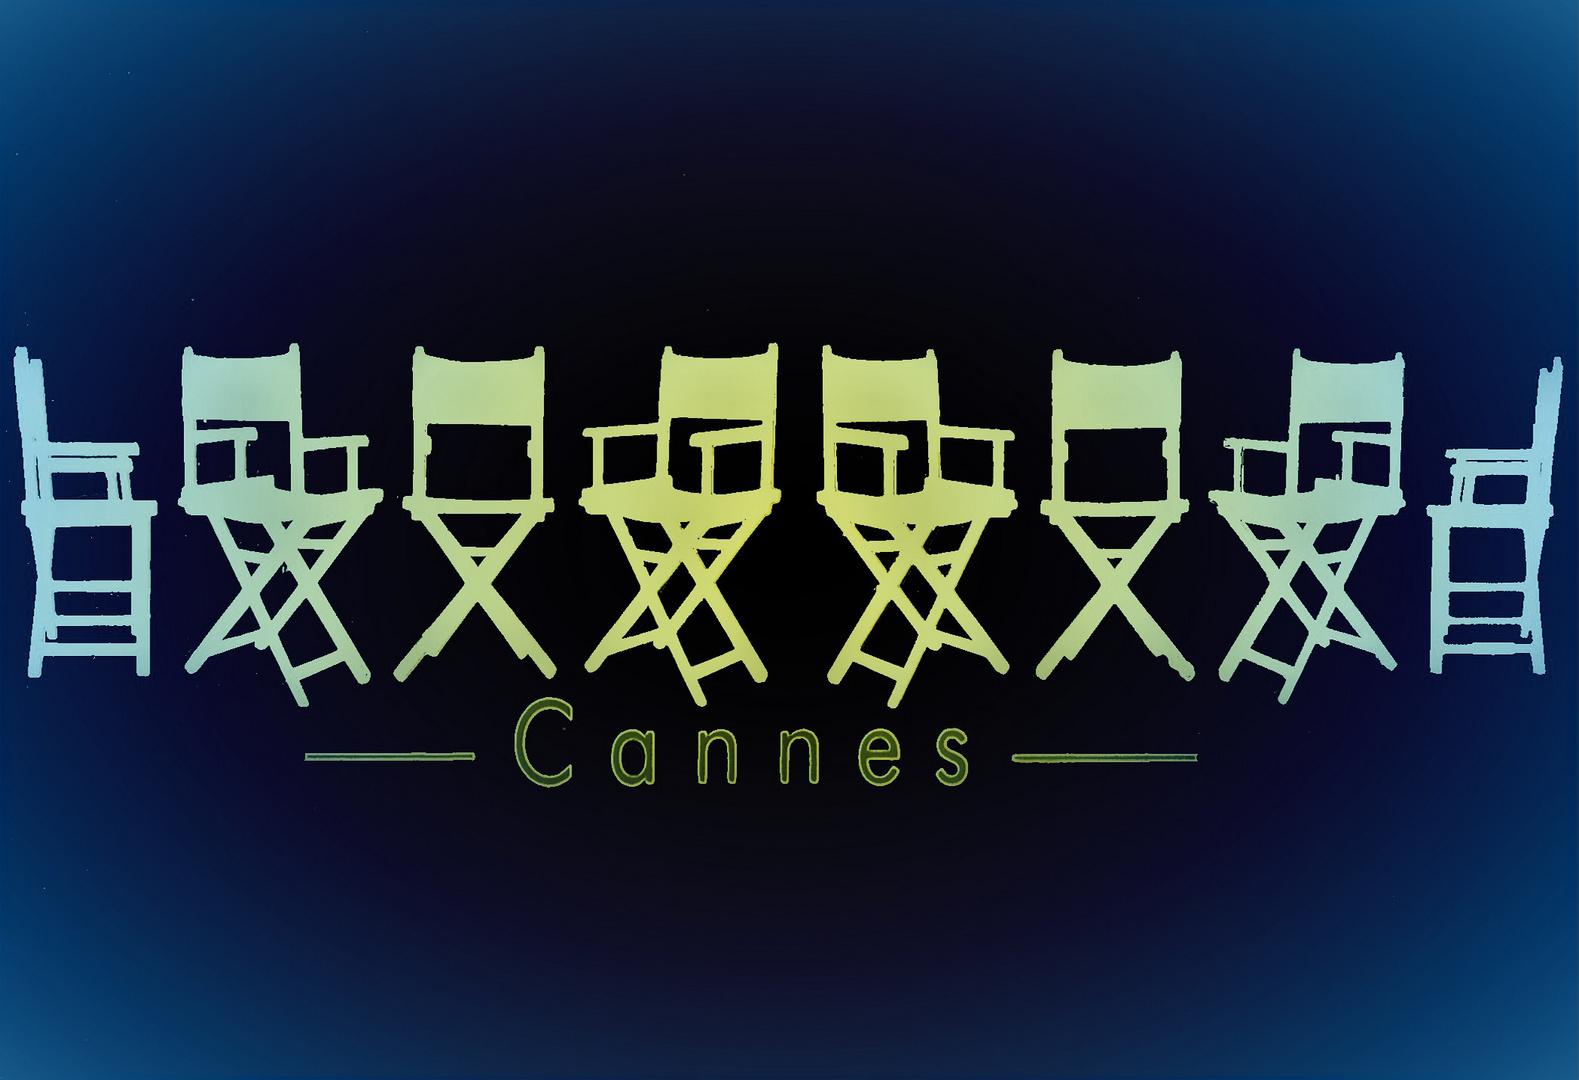 71 festival du film de cannes clôture